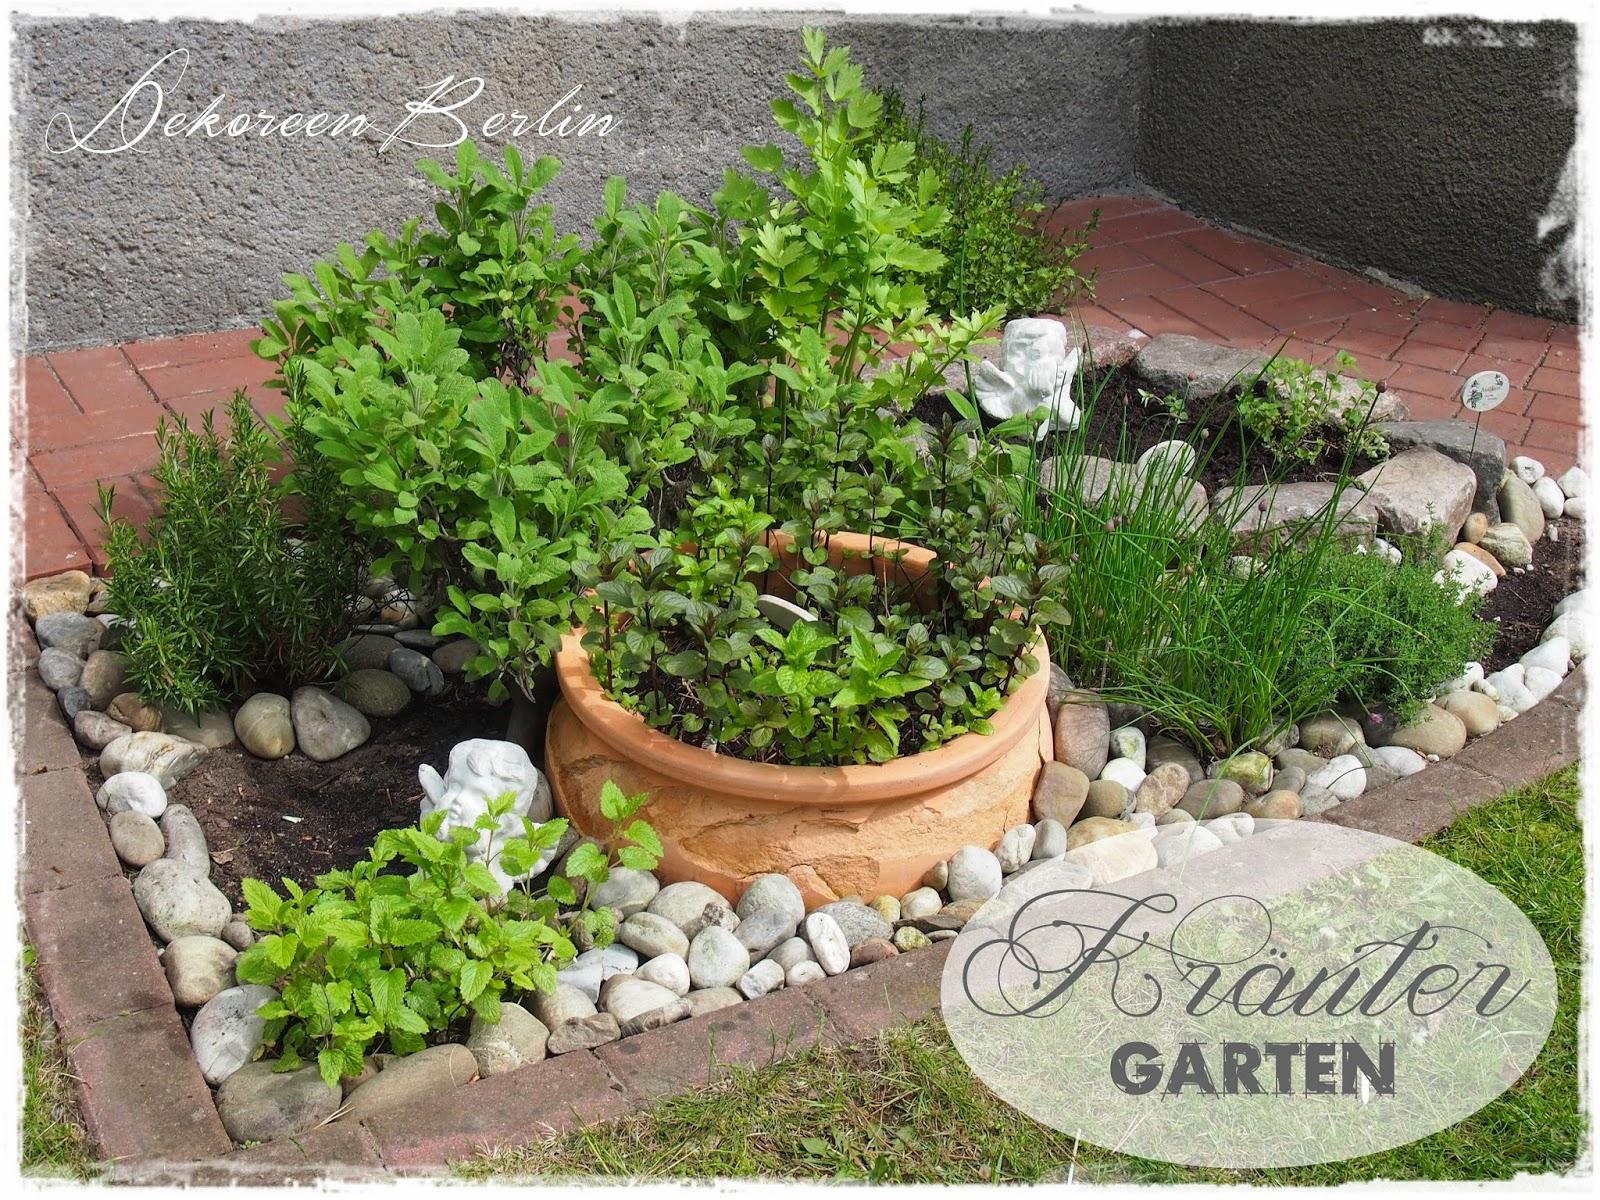 Dekoreenberlin april 2014 for Garten richtig anlegen